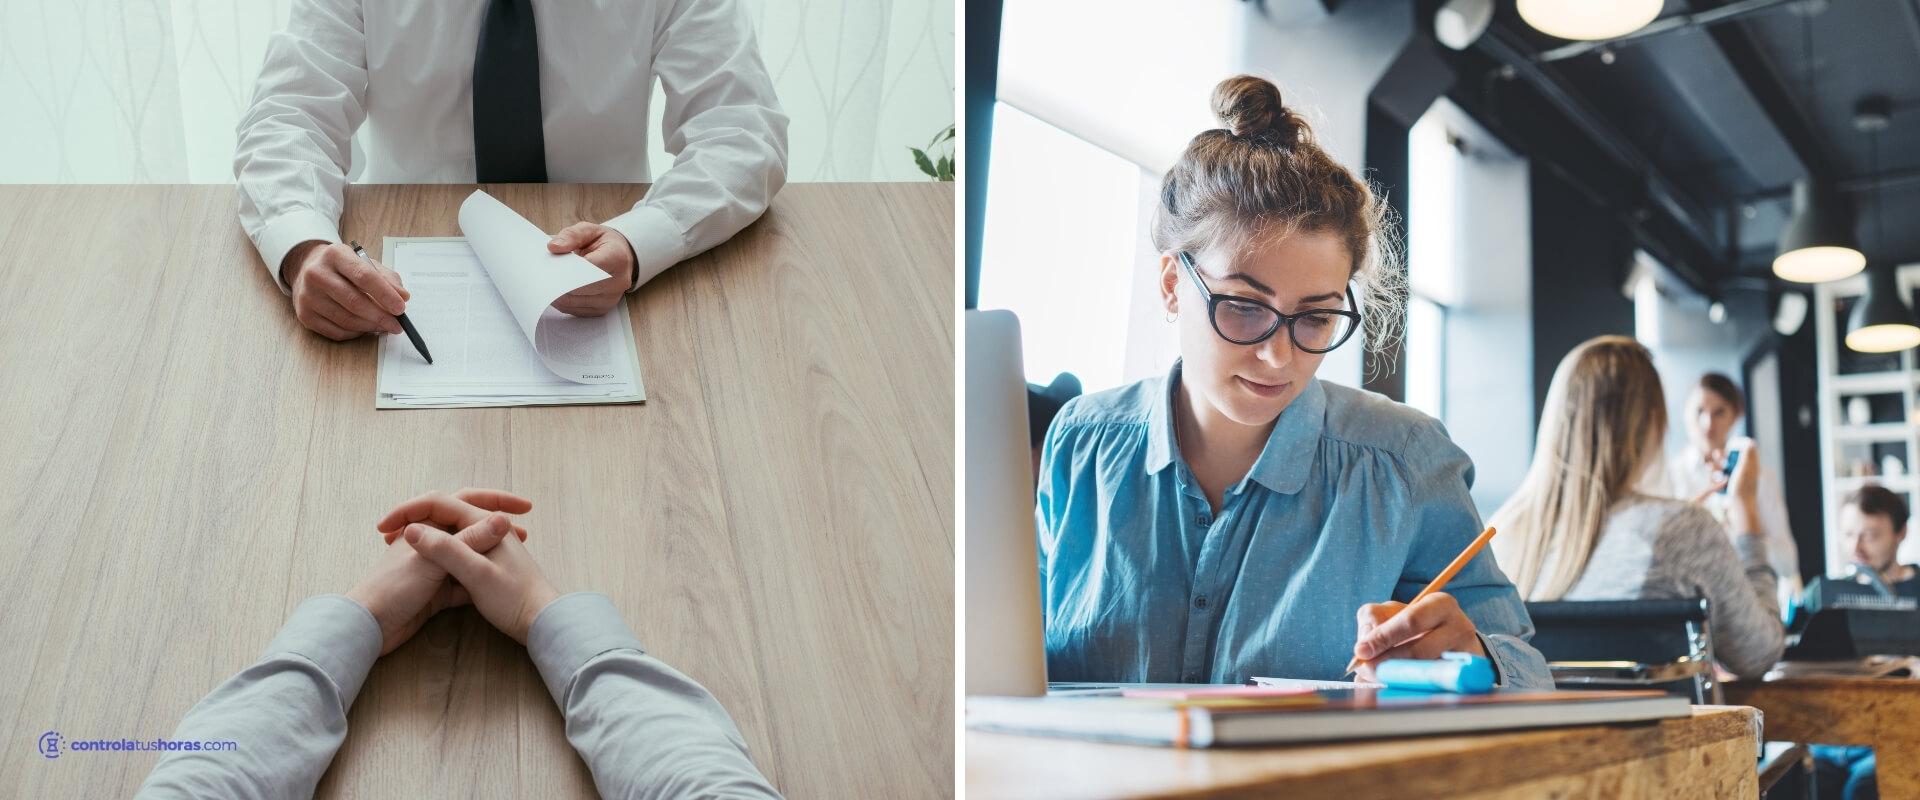 Cómo evitar el absentismo laboral